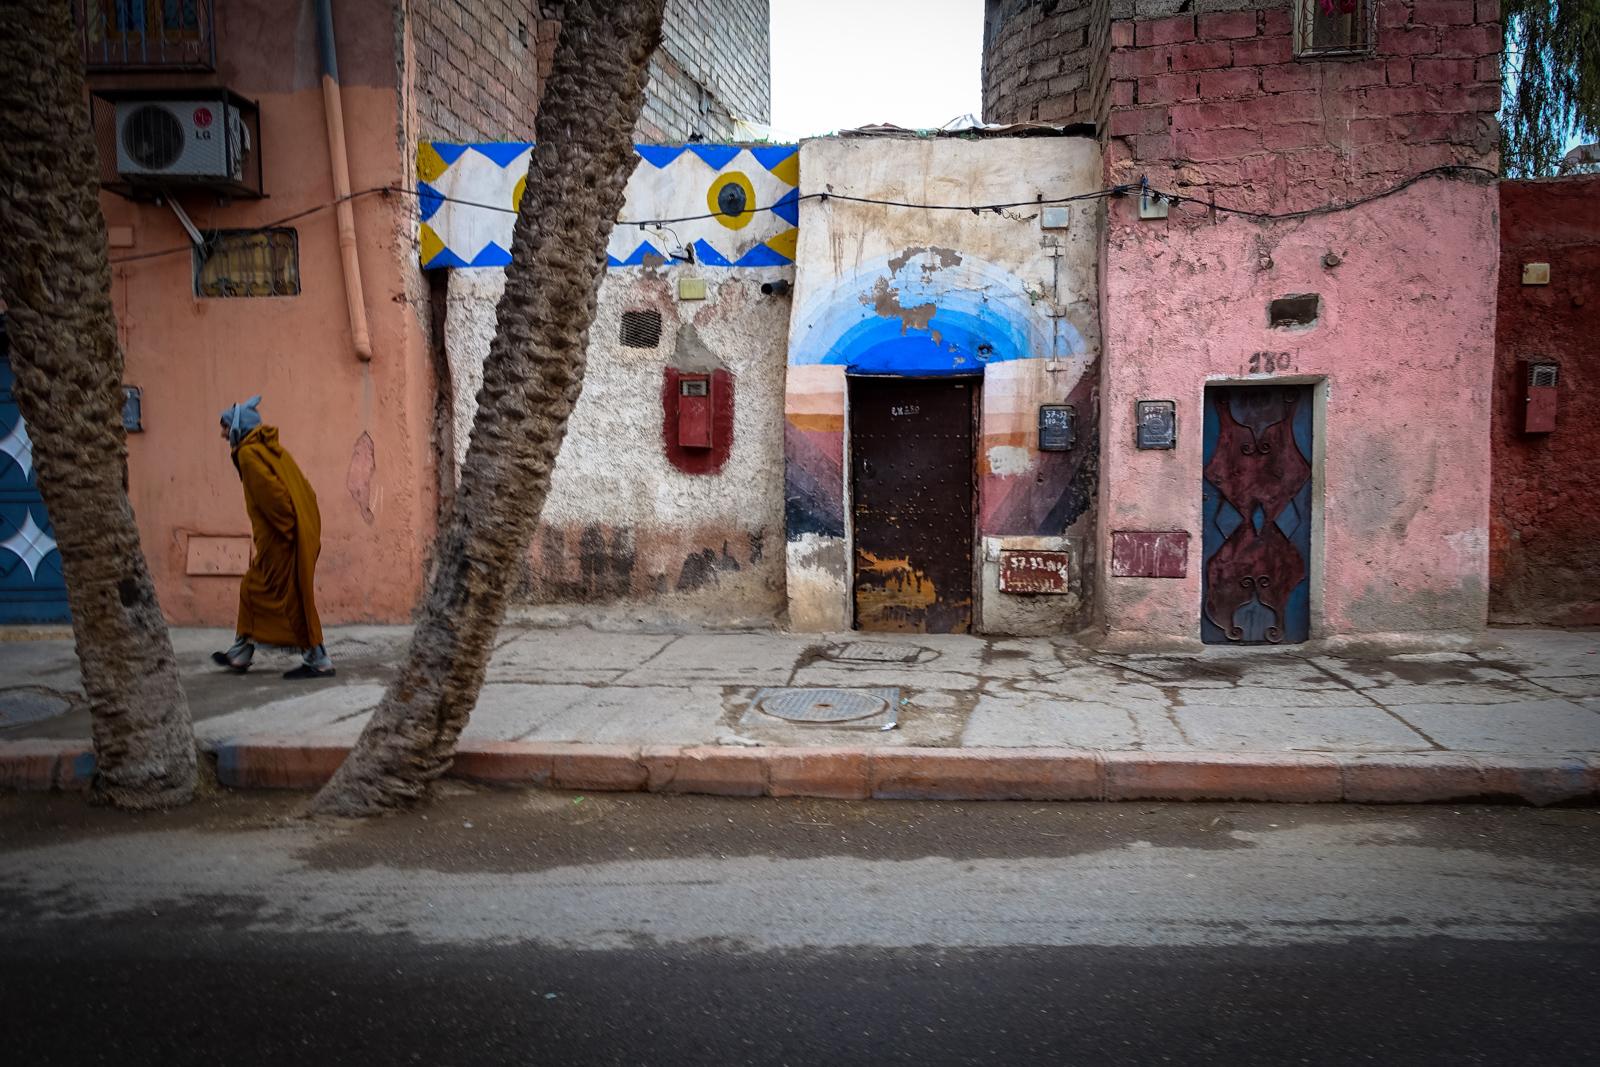 streetart in der rue kbour chou, marrakesch